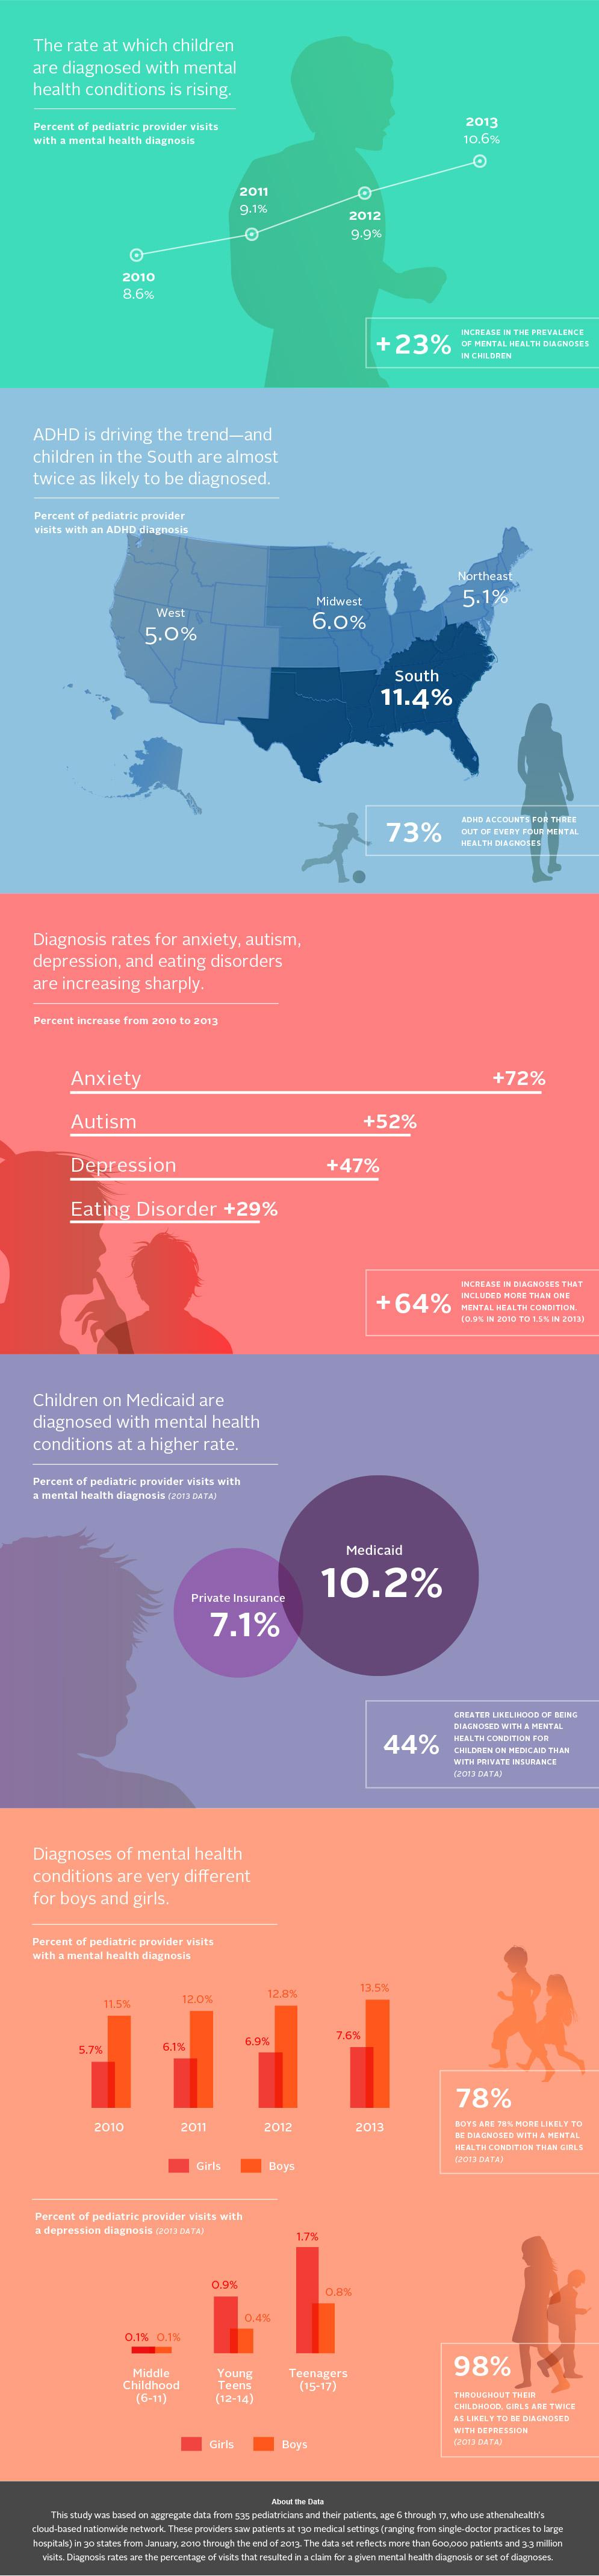 athena infographic